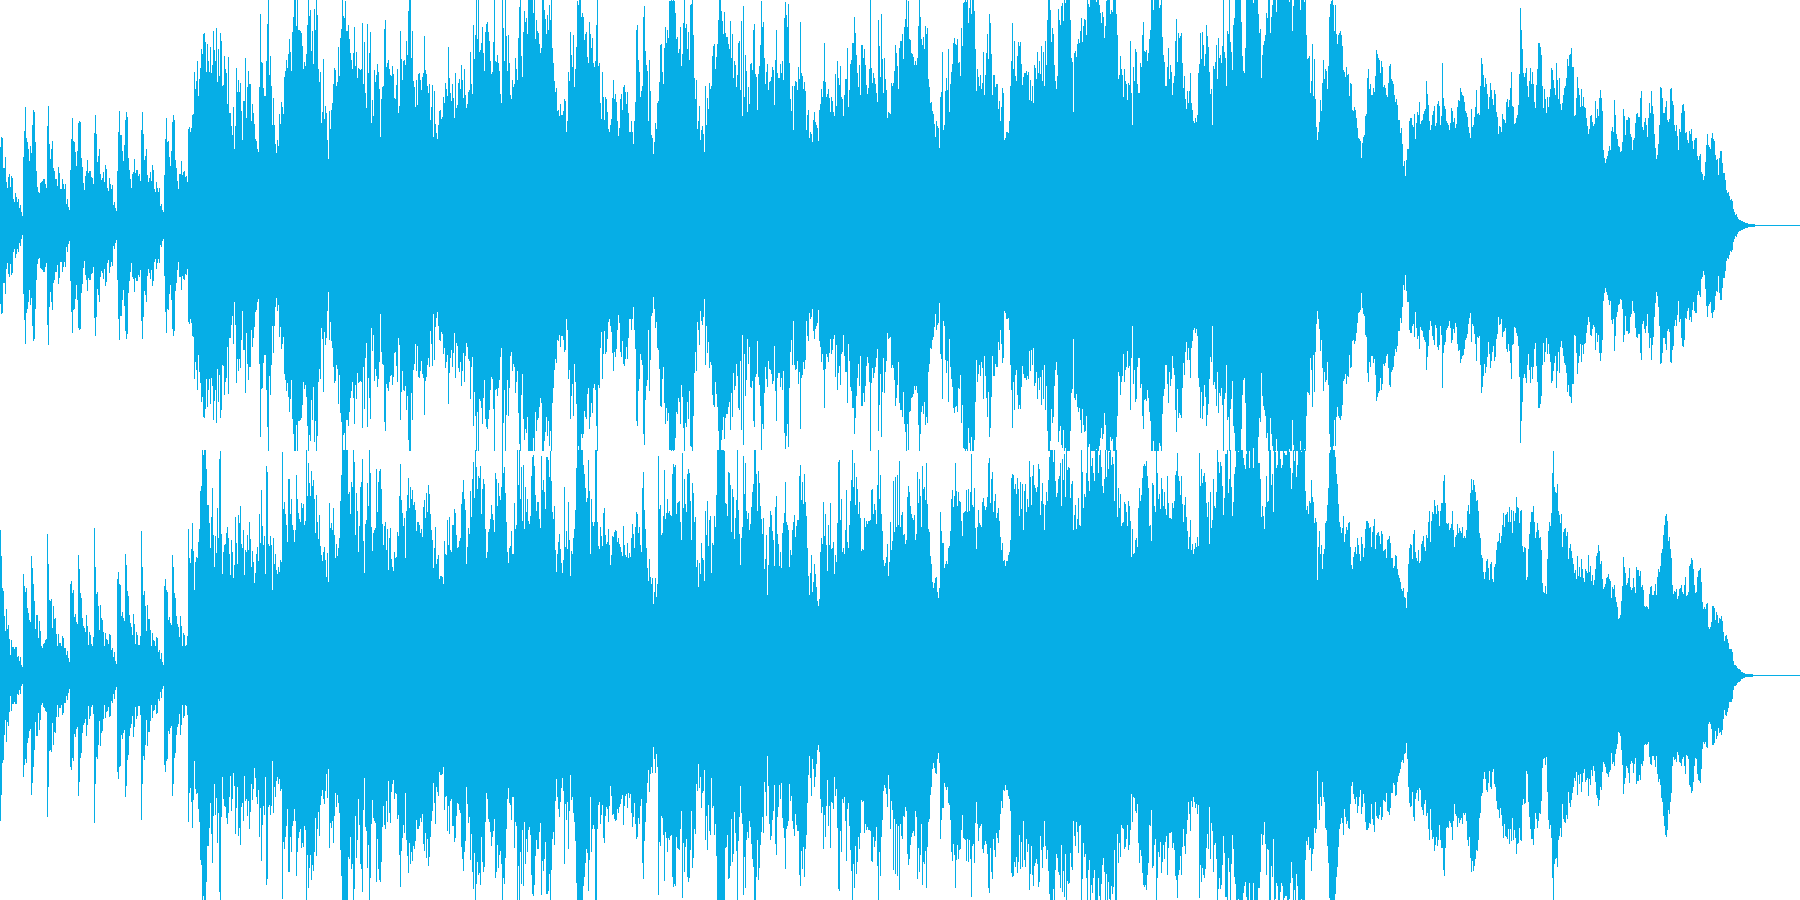 RPG 魔界・鬼ヶ島の再生済みの波形